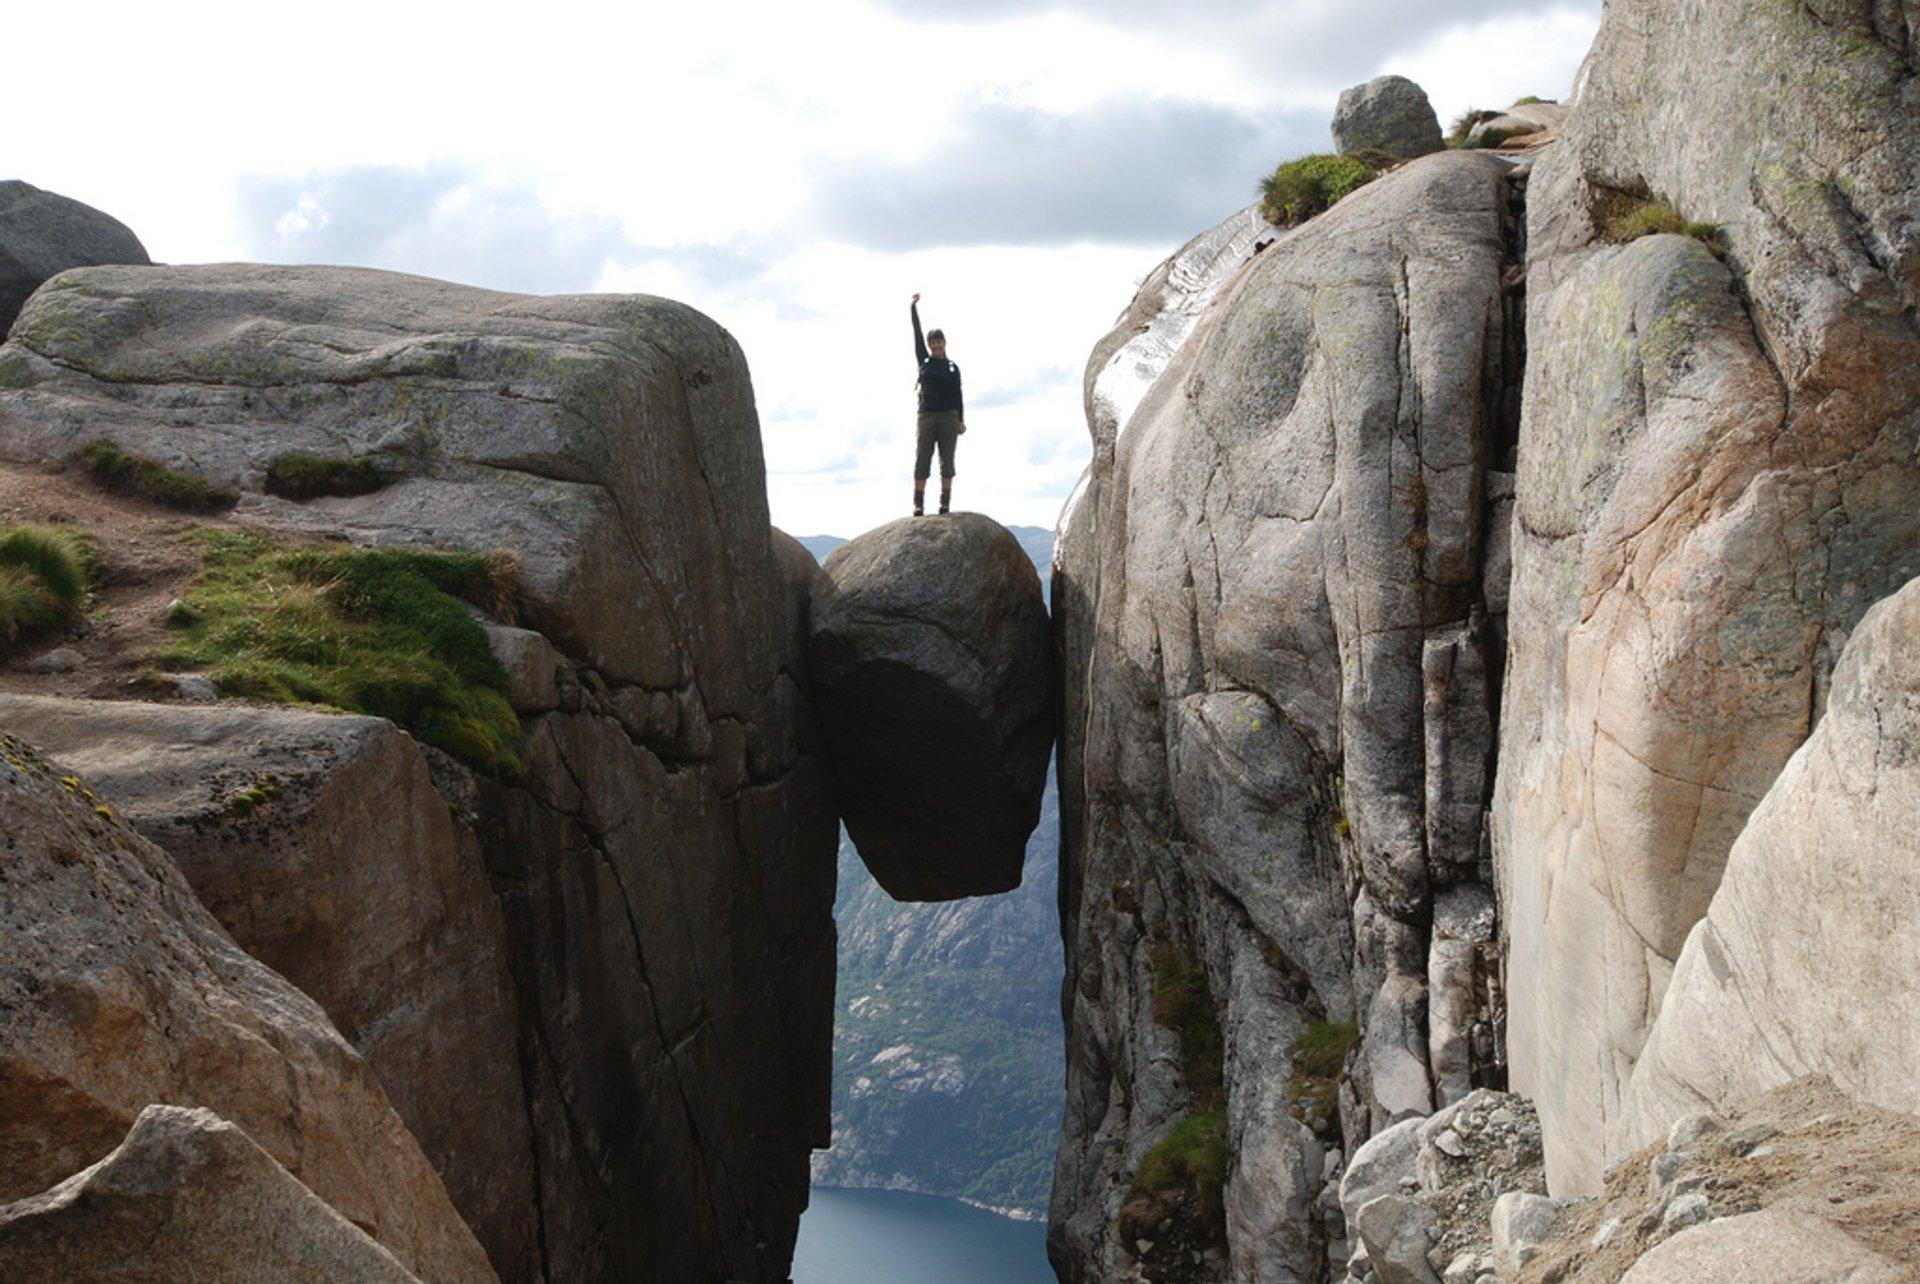 Kjeragbolten Hike in Norway 2020 - Best Time